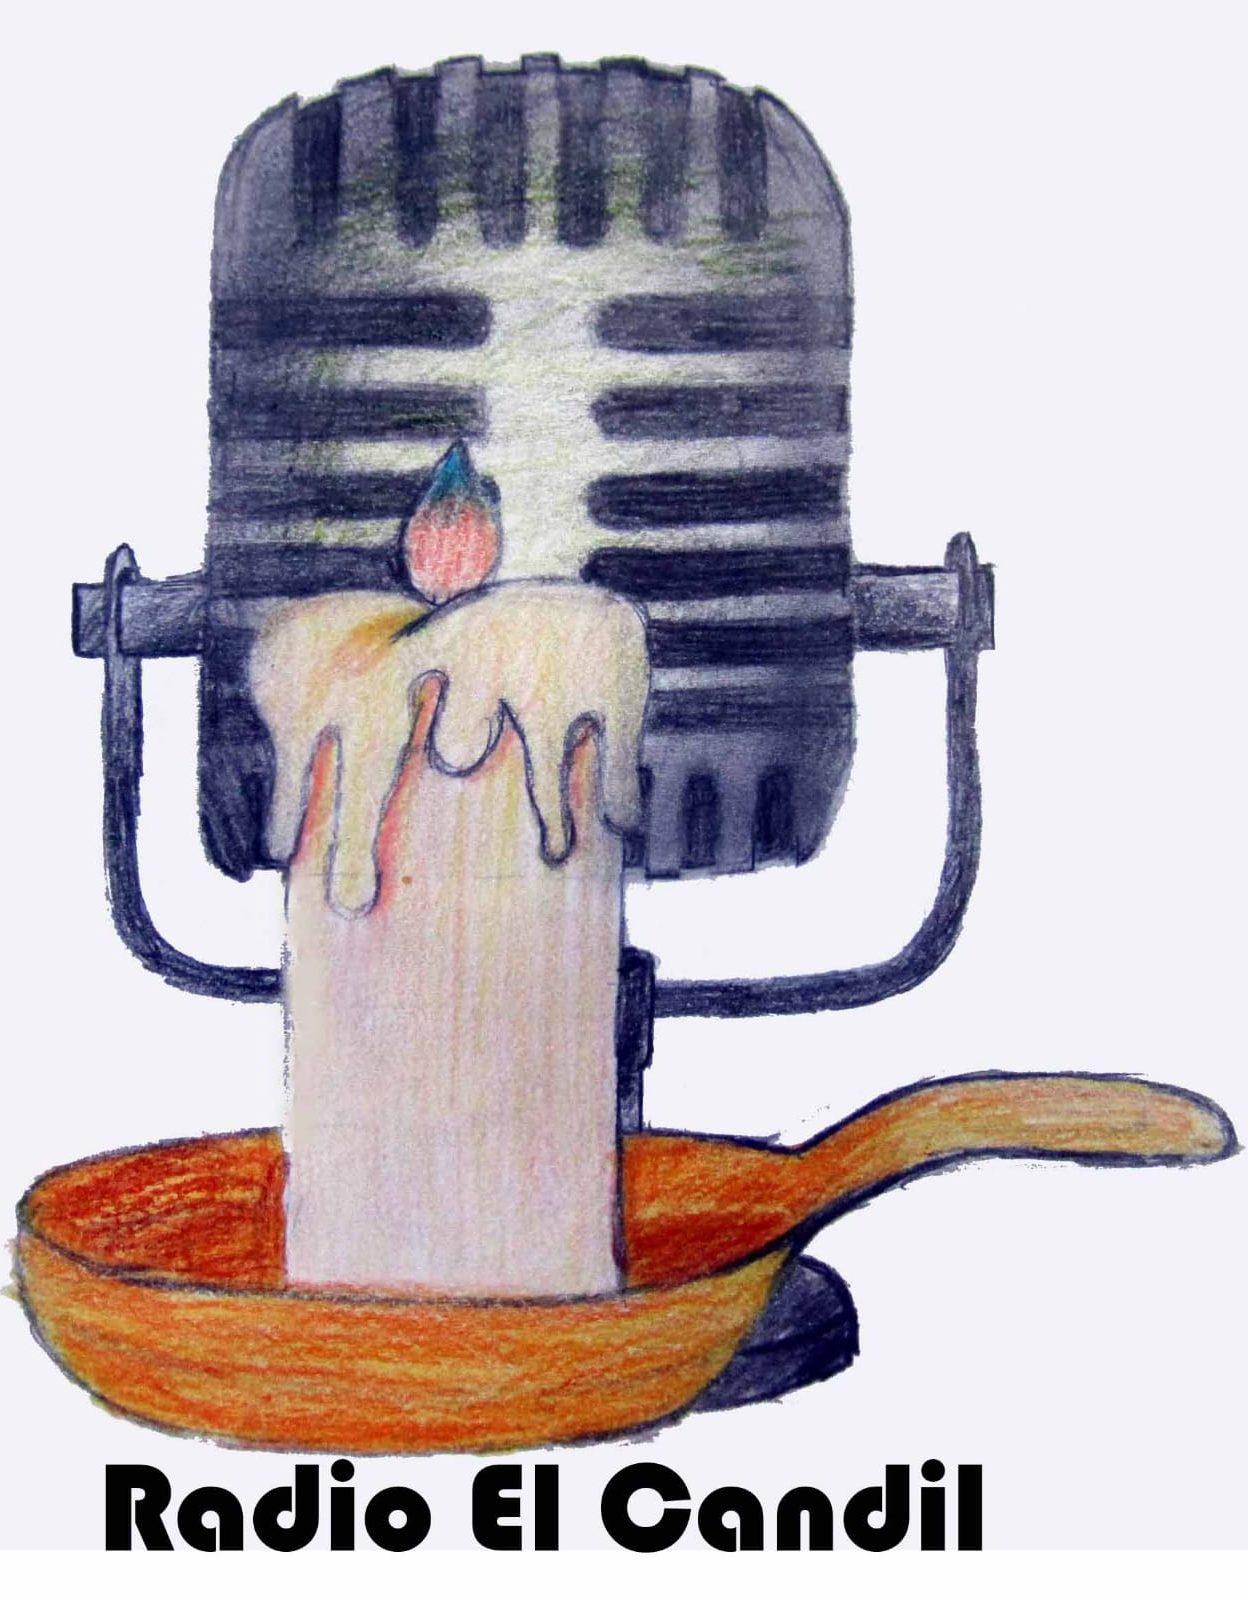 Radio El Candil